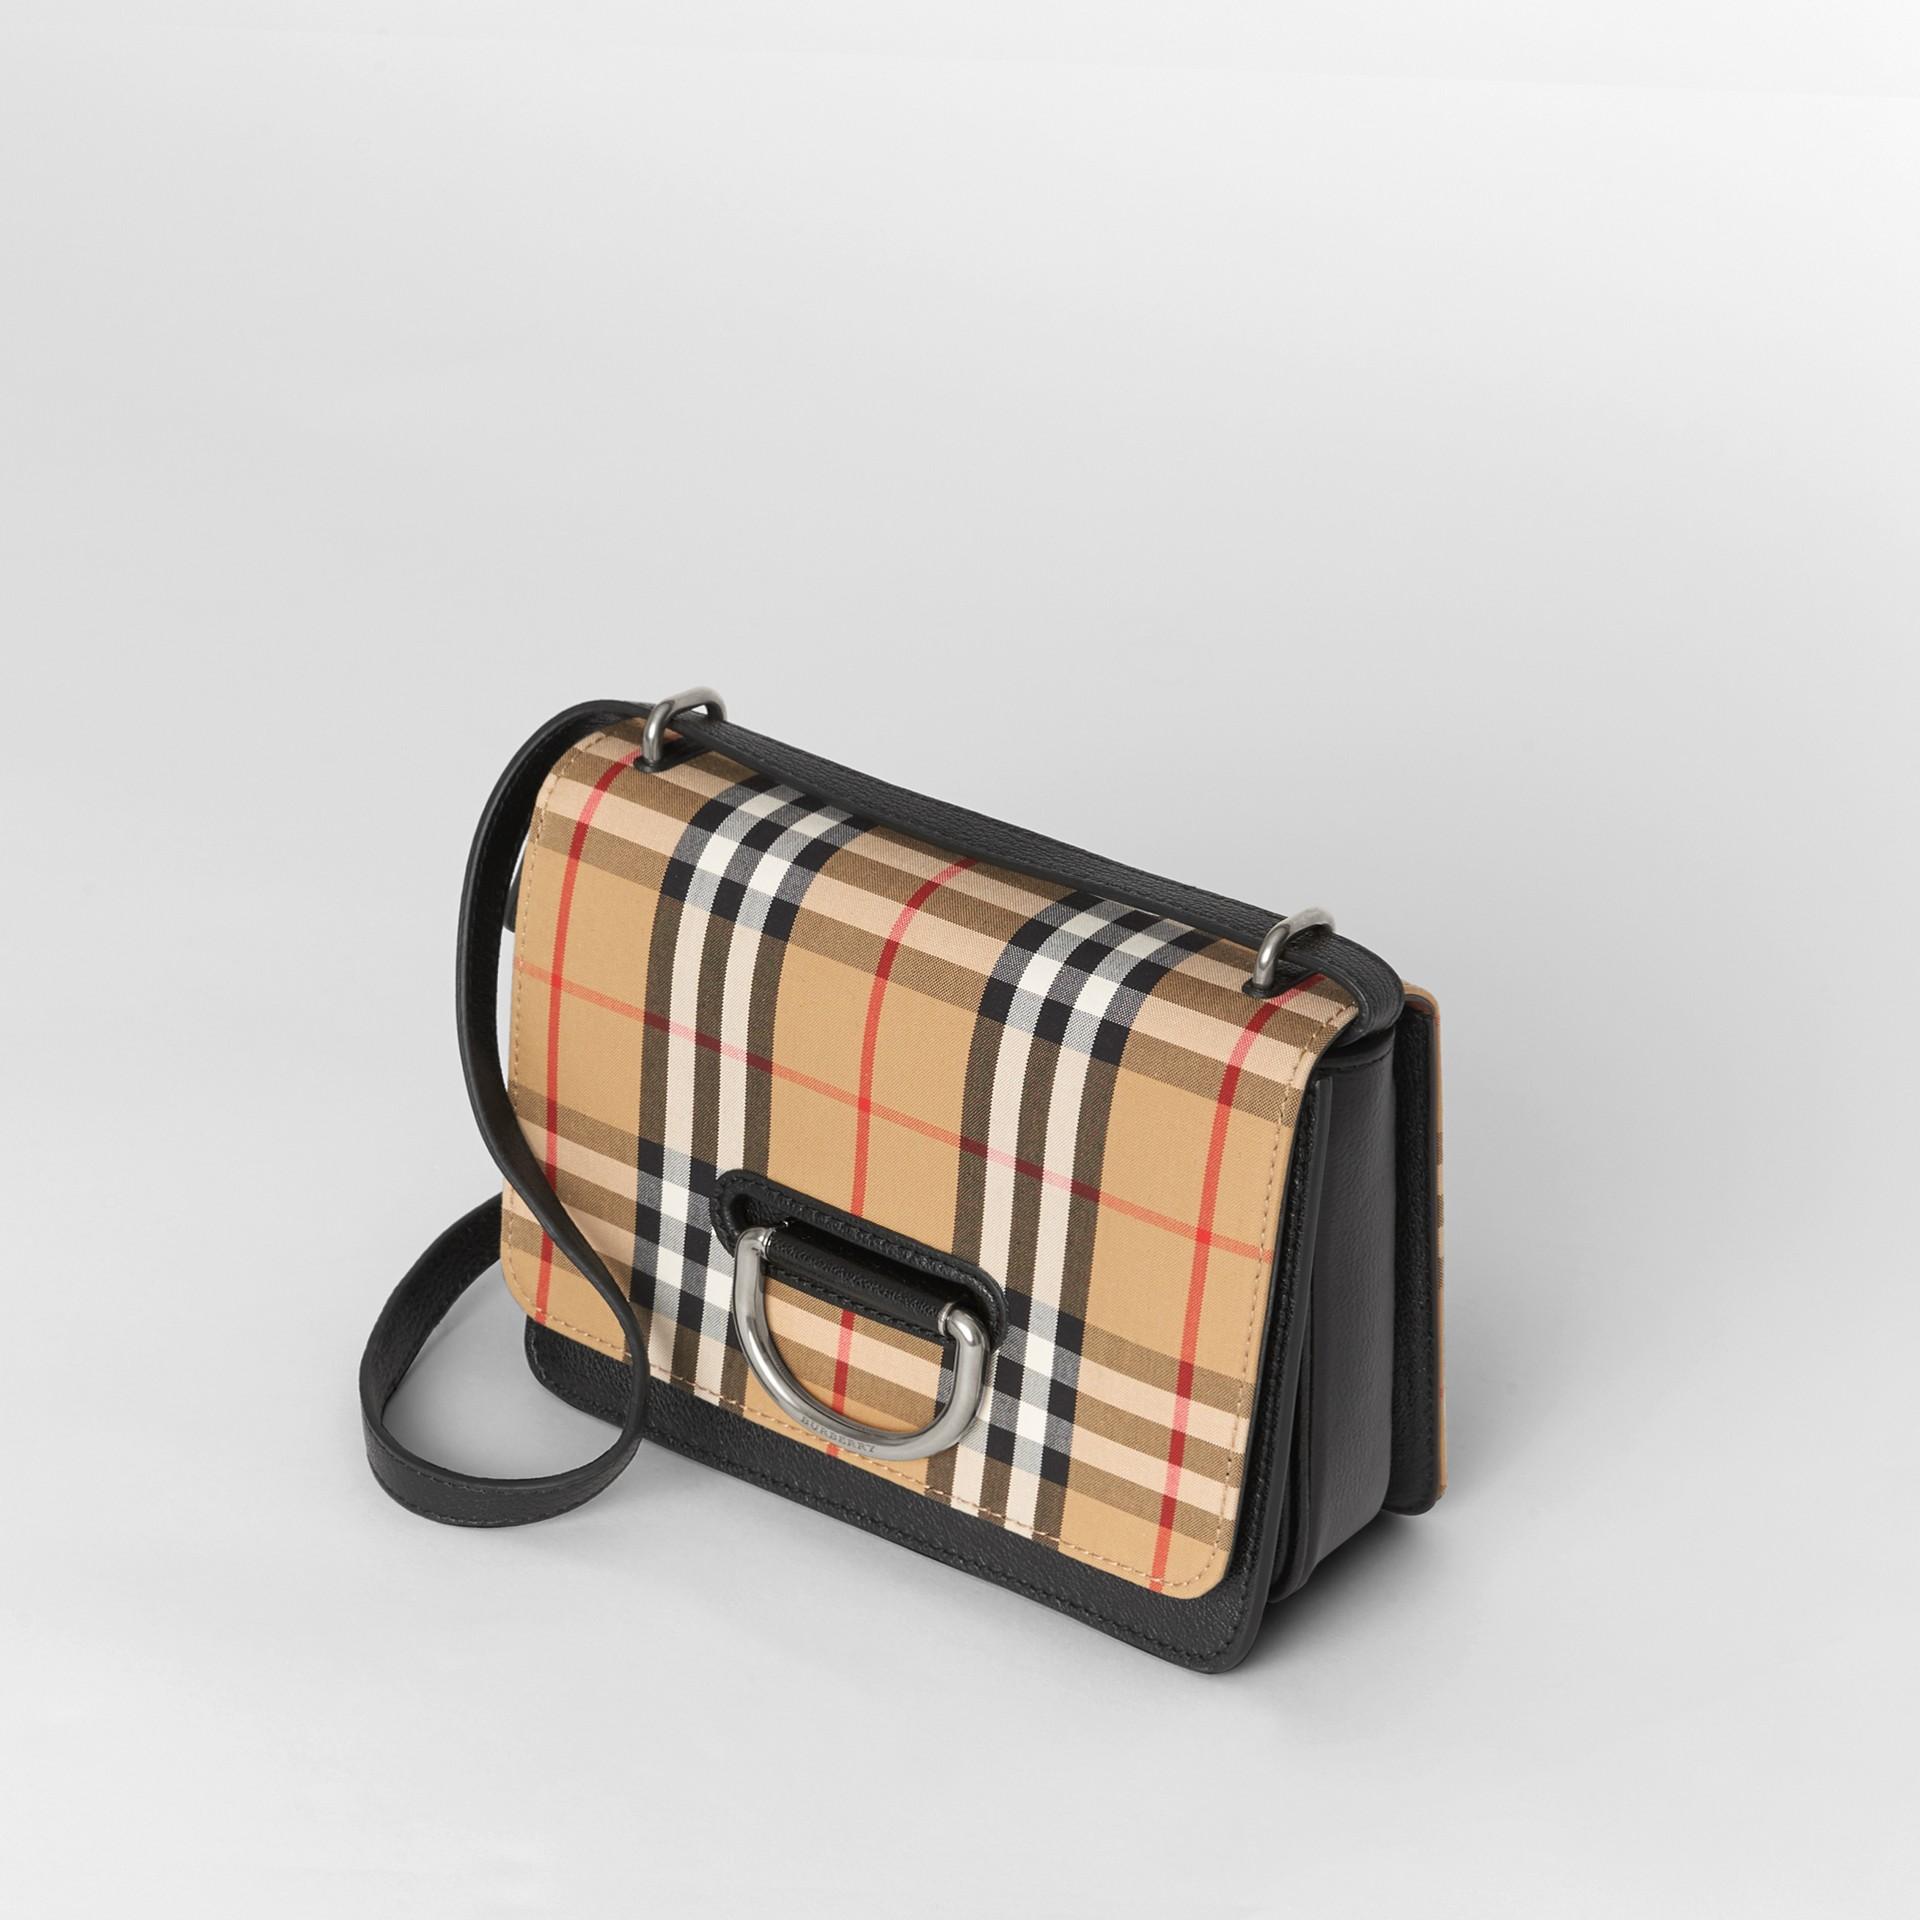 Petit sac TheD-ring en cuir et à motif Vintage check (Noir/jaune Antique) - Femme | Burberry - photo de la galerie 4